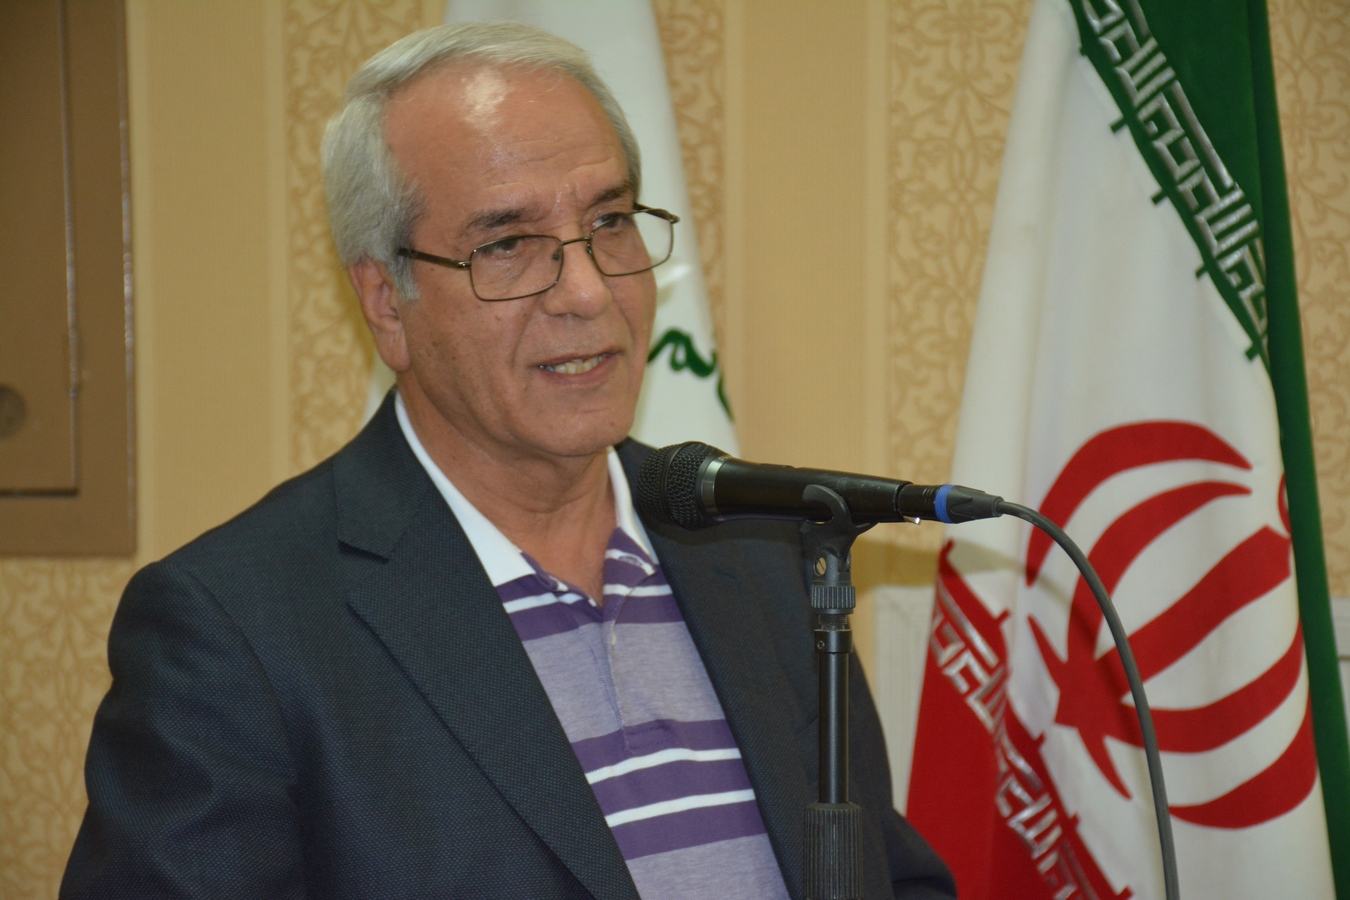 انتخاب جناب آقای مهندس محمد ابکاء به سمت مدیریت محترم عامل شرکت